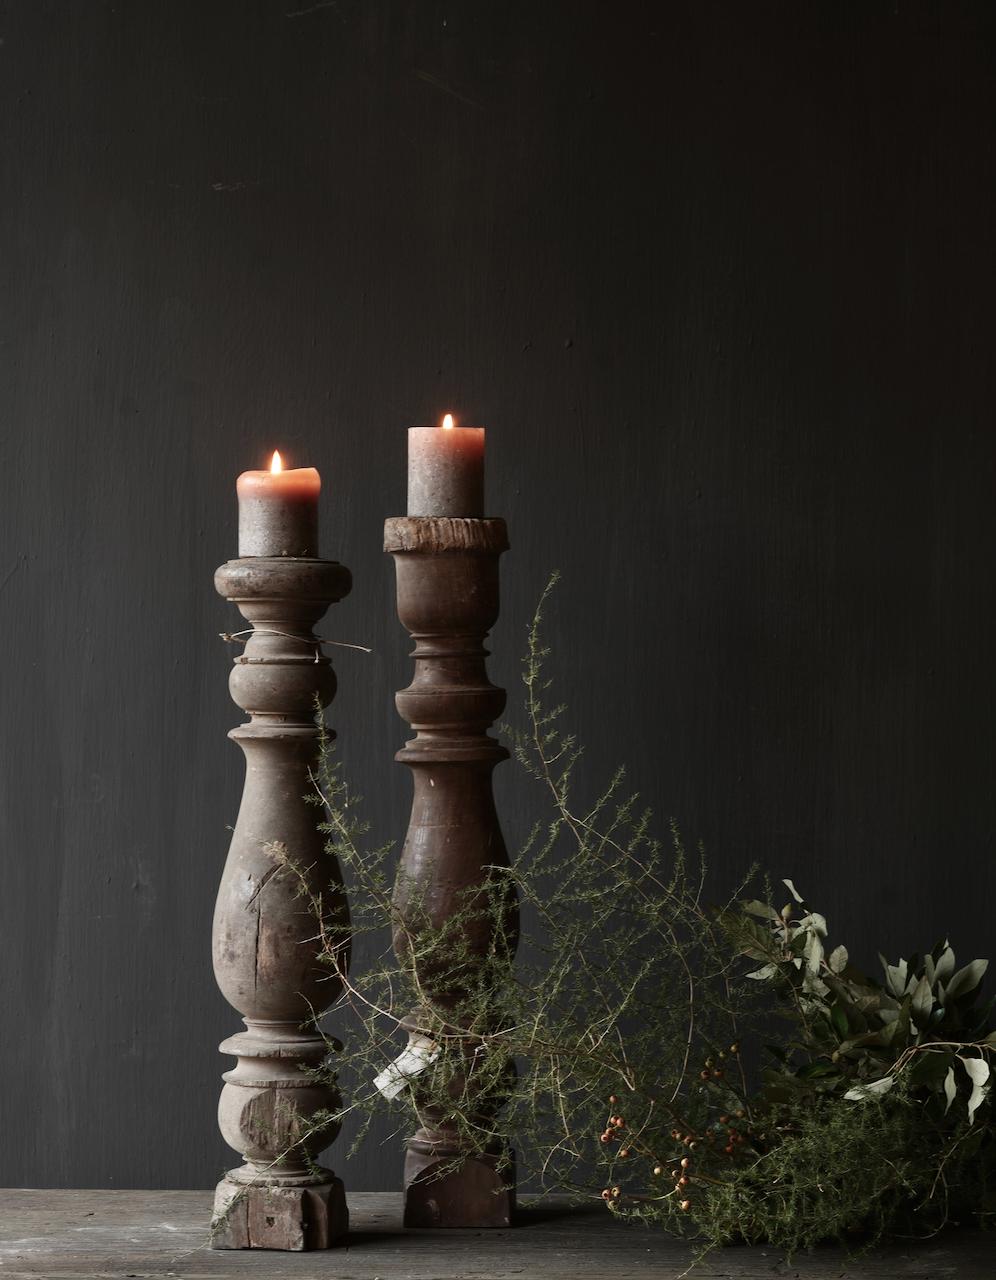 Schöner alter hölzerner Baluster-Kerzenständer-1